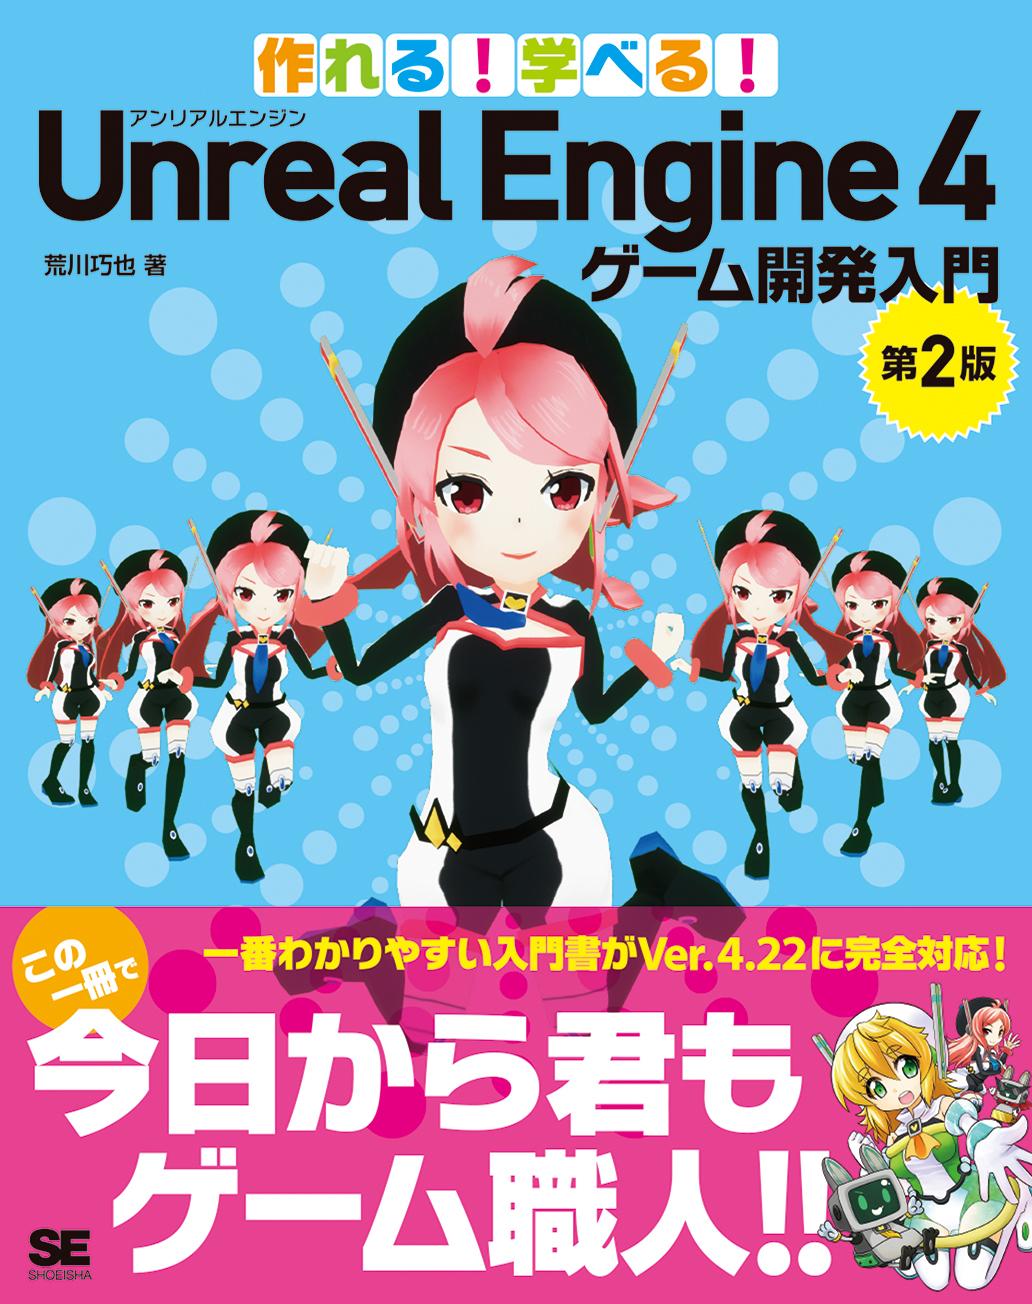 作れる!学べる!Unreal Engine 4 ゲーム開発入門 第2版(翔泳社)